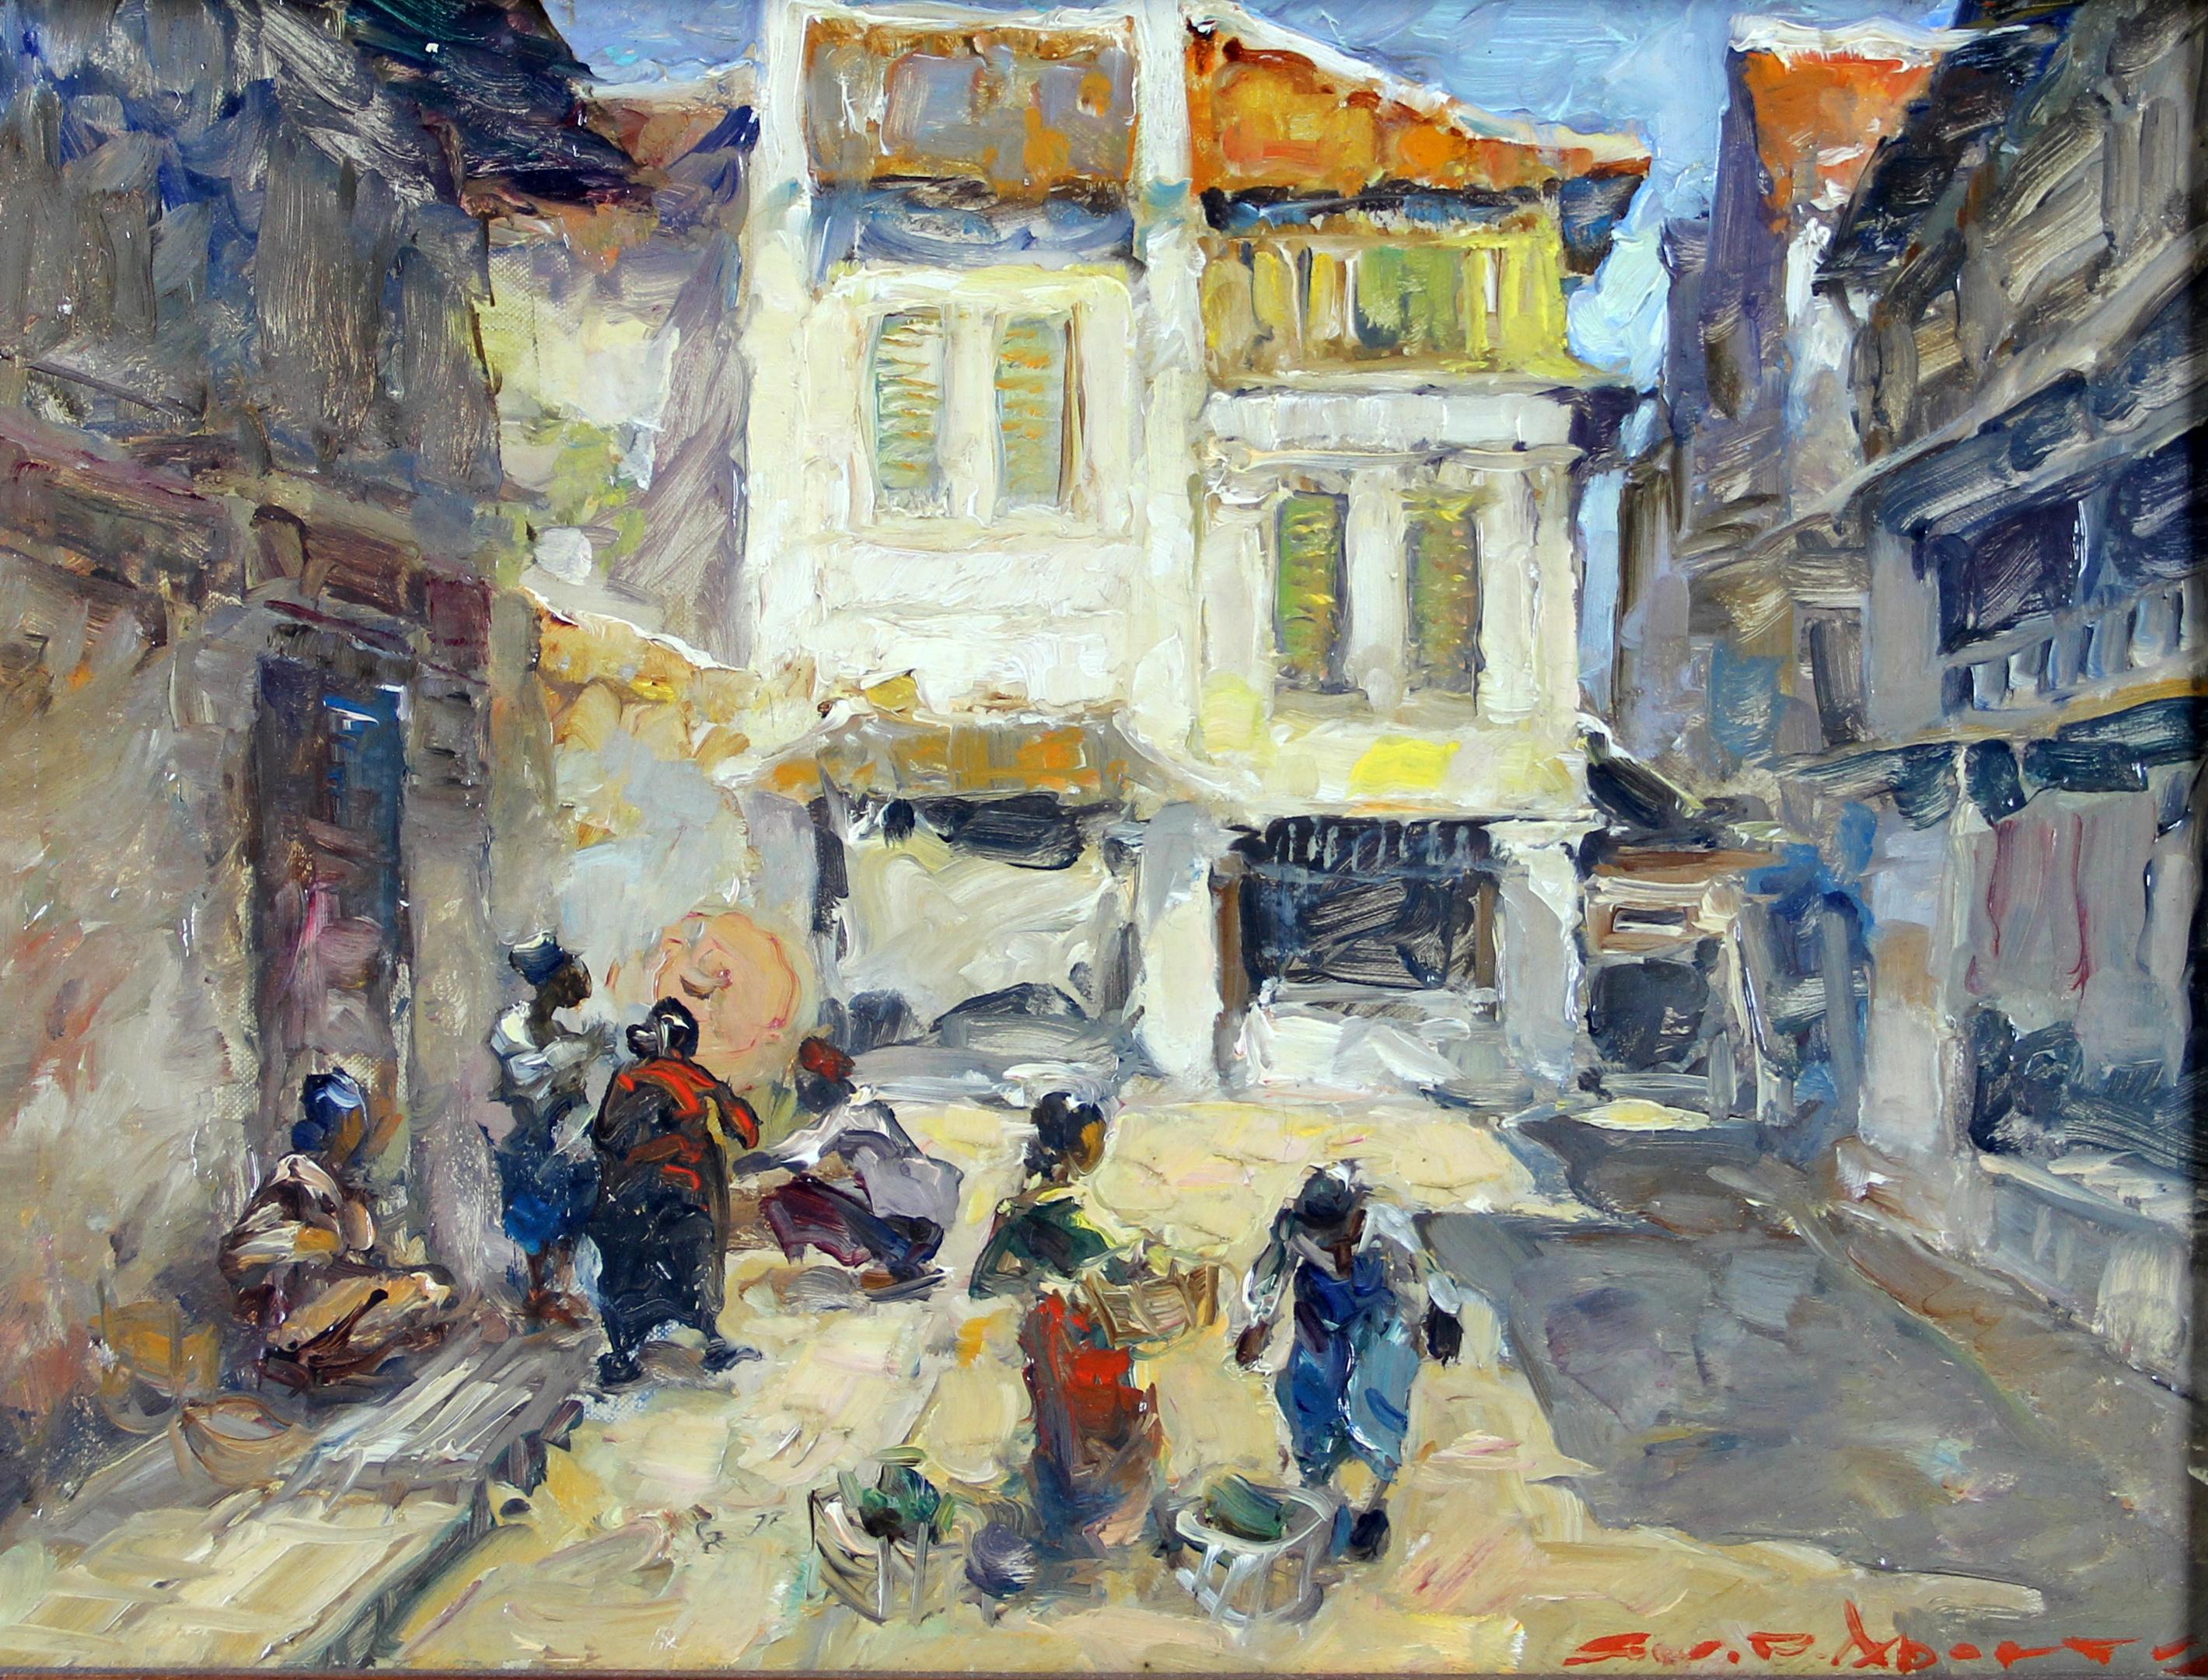 De wijk Glodok in Batavia- Gerard Pieter Adolfs